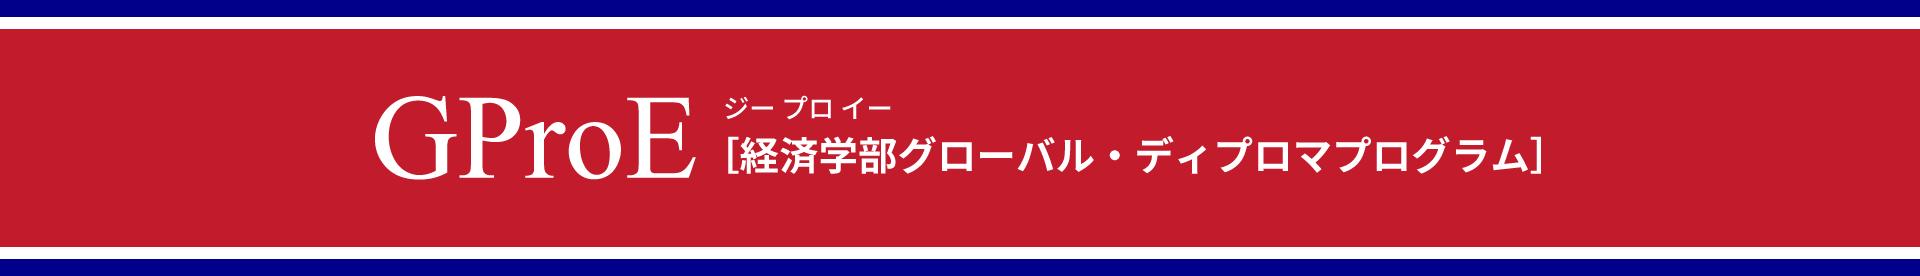 GProE ジープロイー[経済学部グローバル・ディプロマプログラム]